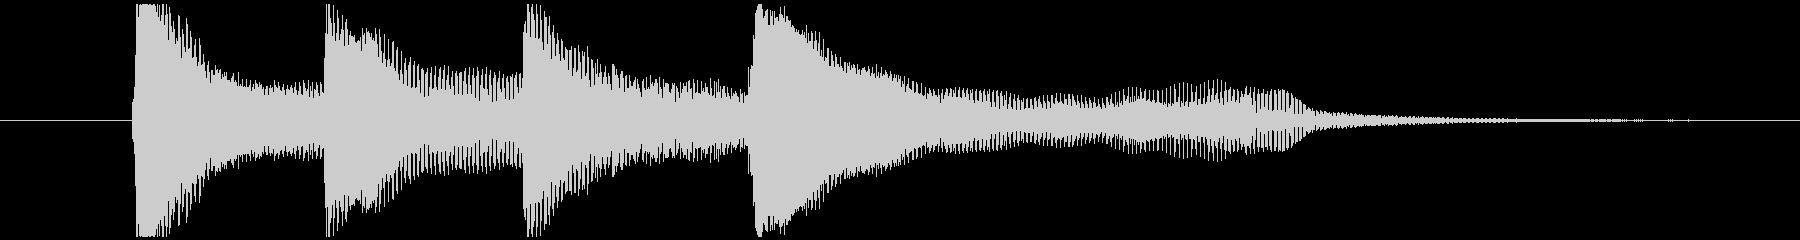 ピアノとチェロで上品なサウンドロゴの未再生の波形